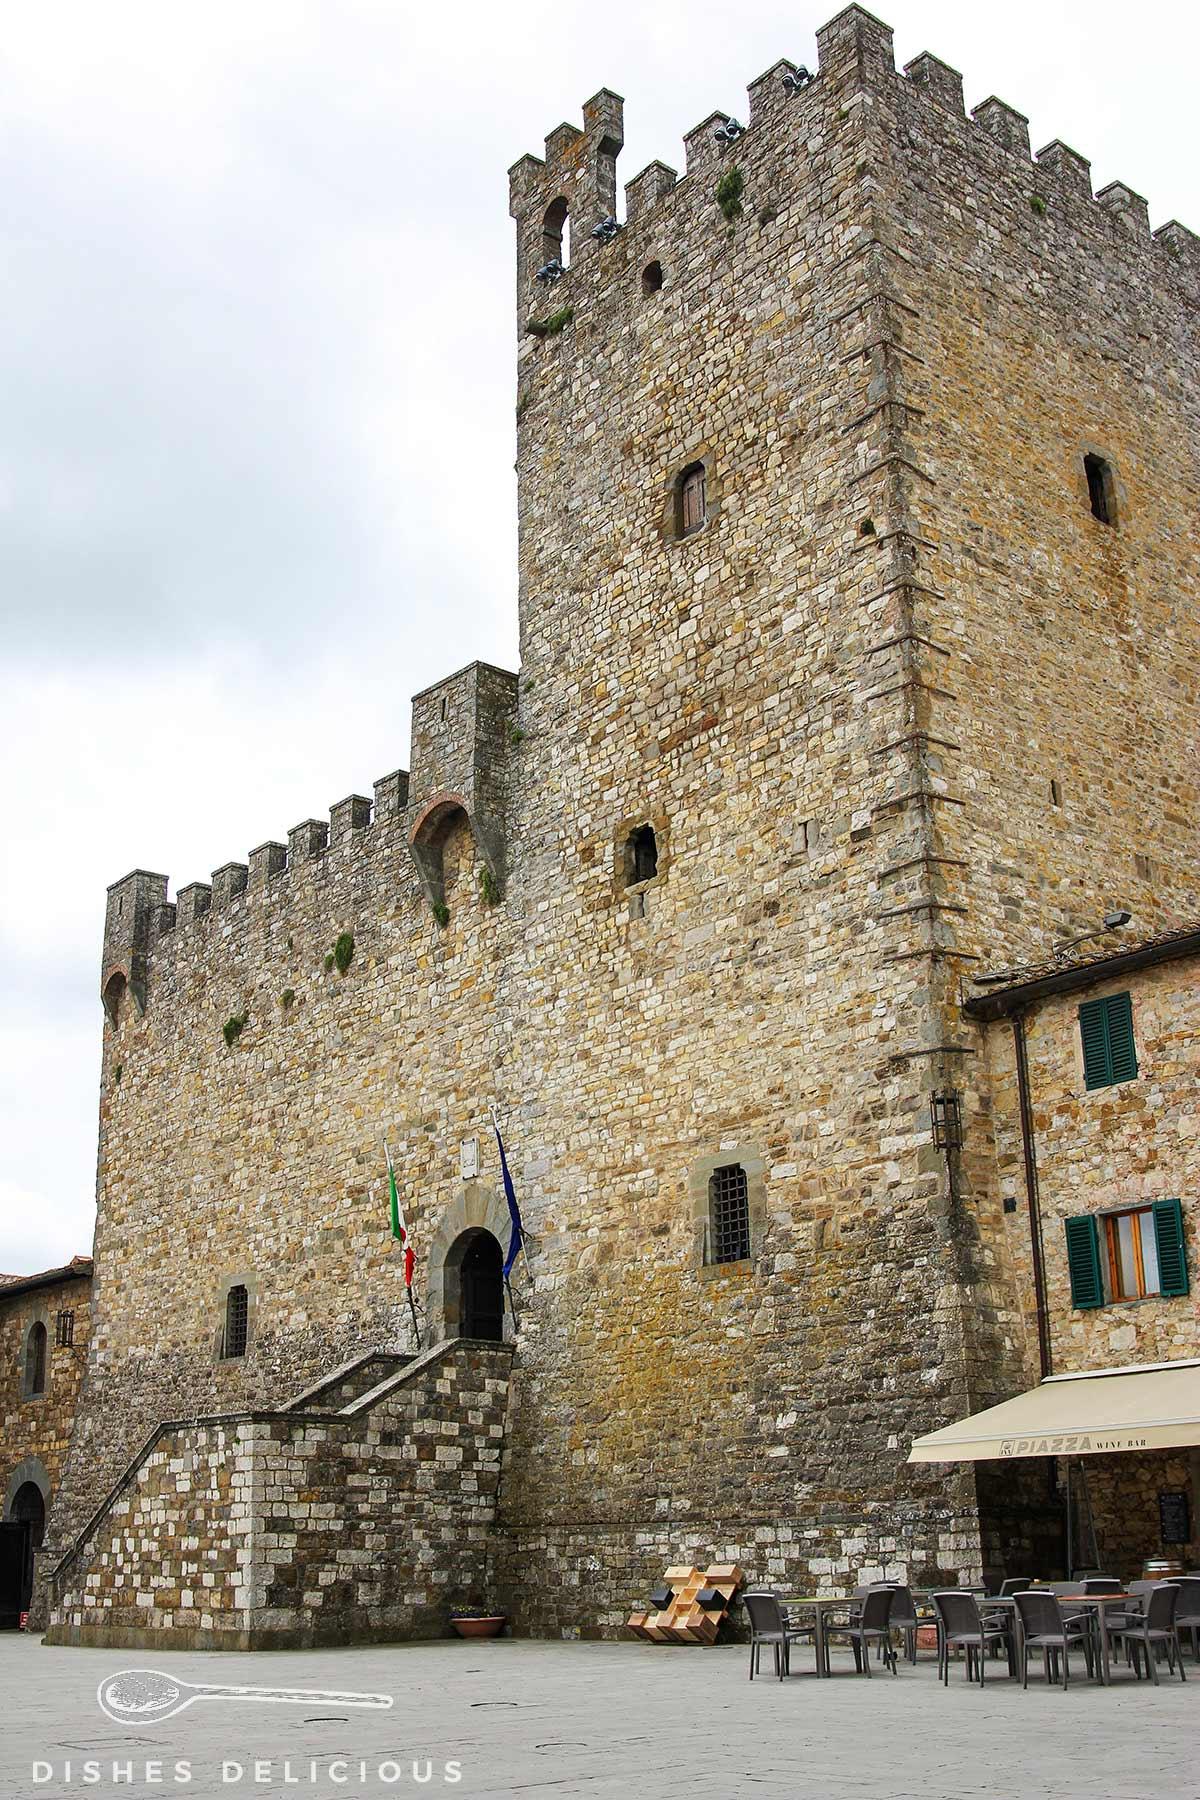 Der Rocca von Castellina - ein steinerner Wehrturm